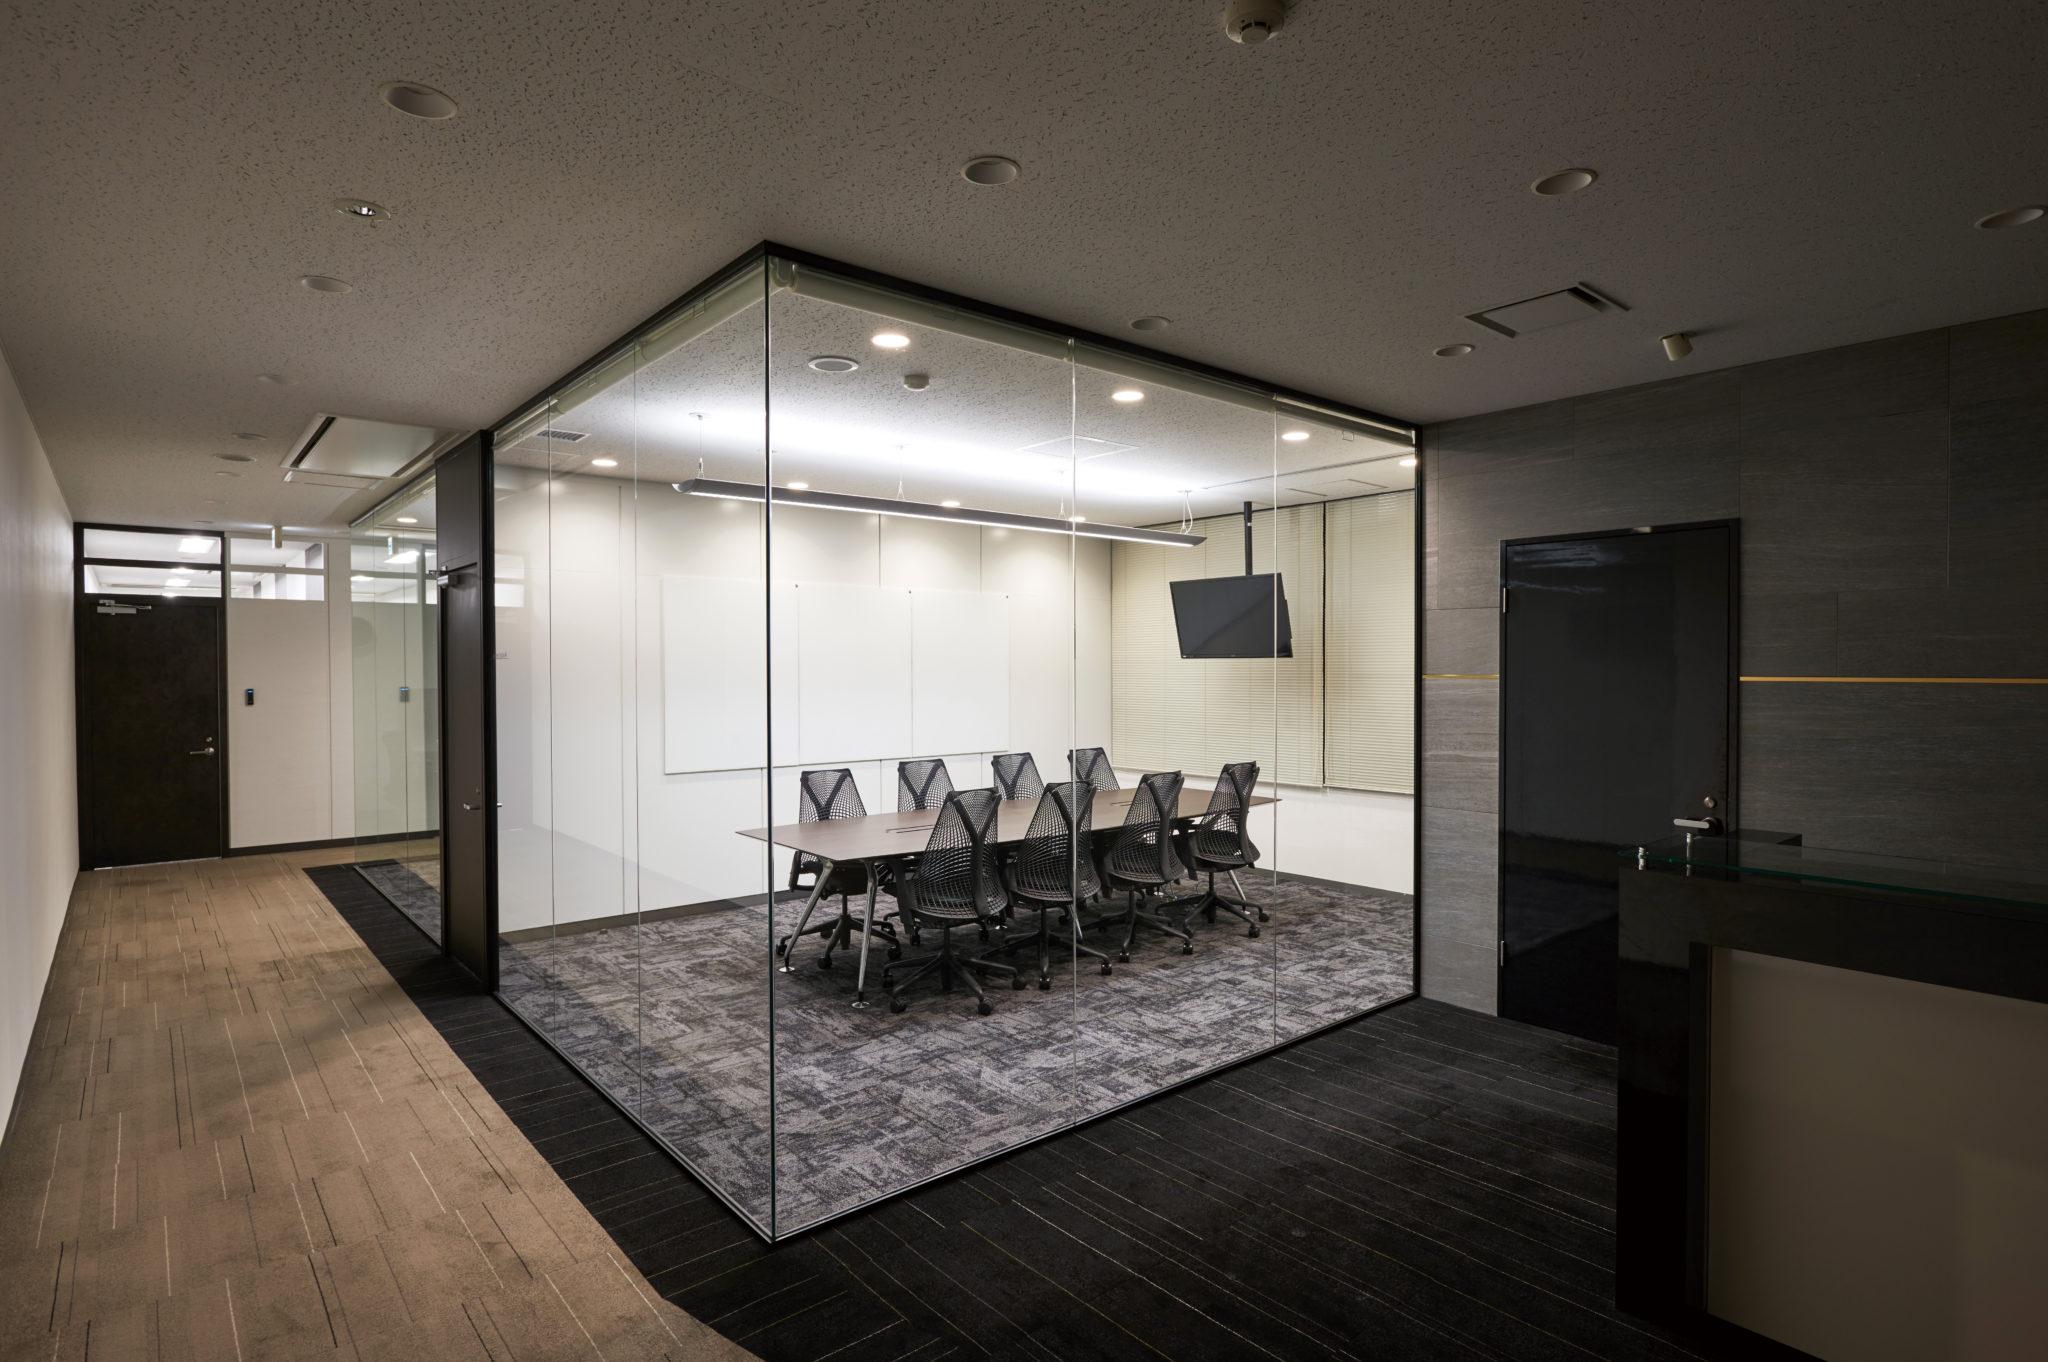 会議室 - ミーティングルームの壁_before